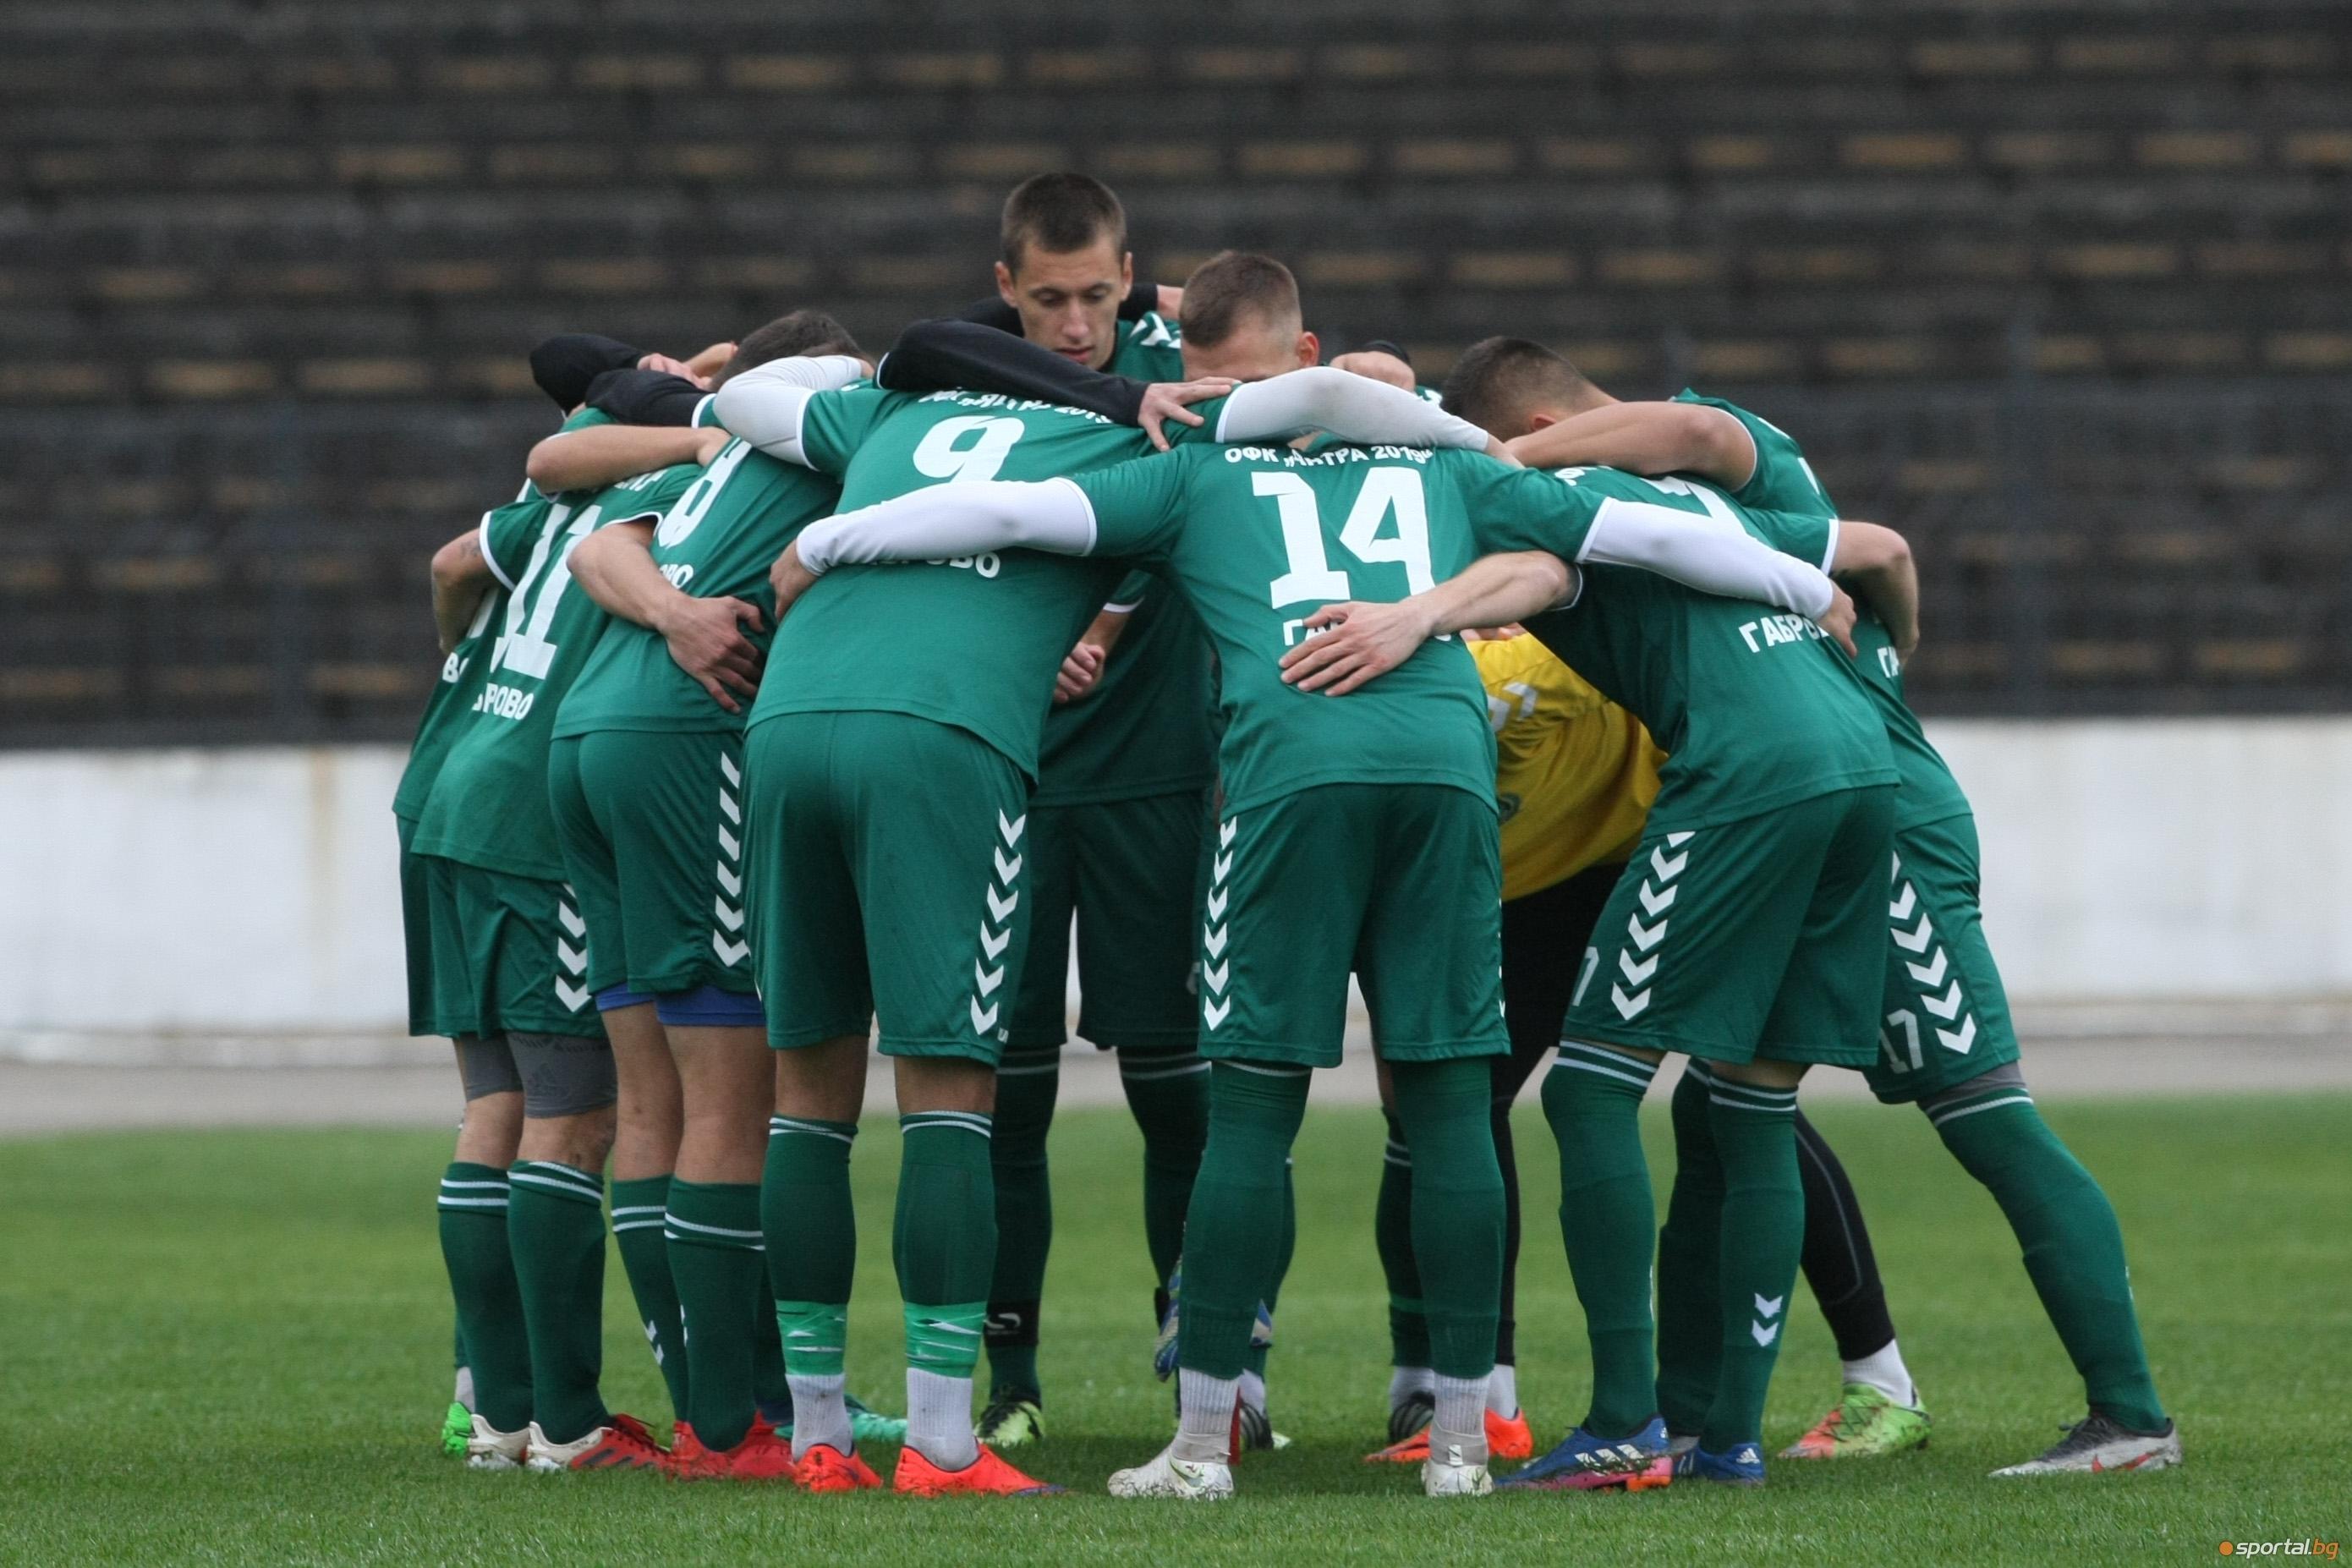 Янтра разби с 5:1 в Полски Тръмбеш едноименния тим на